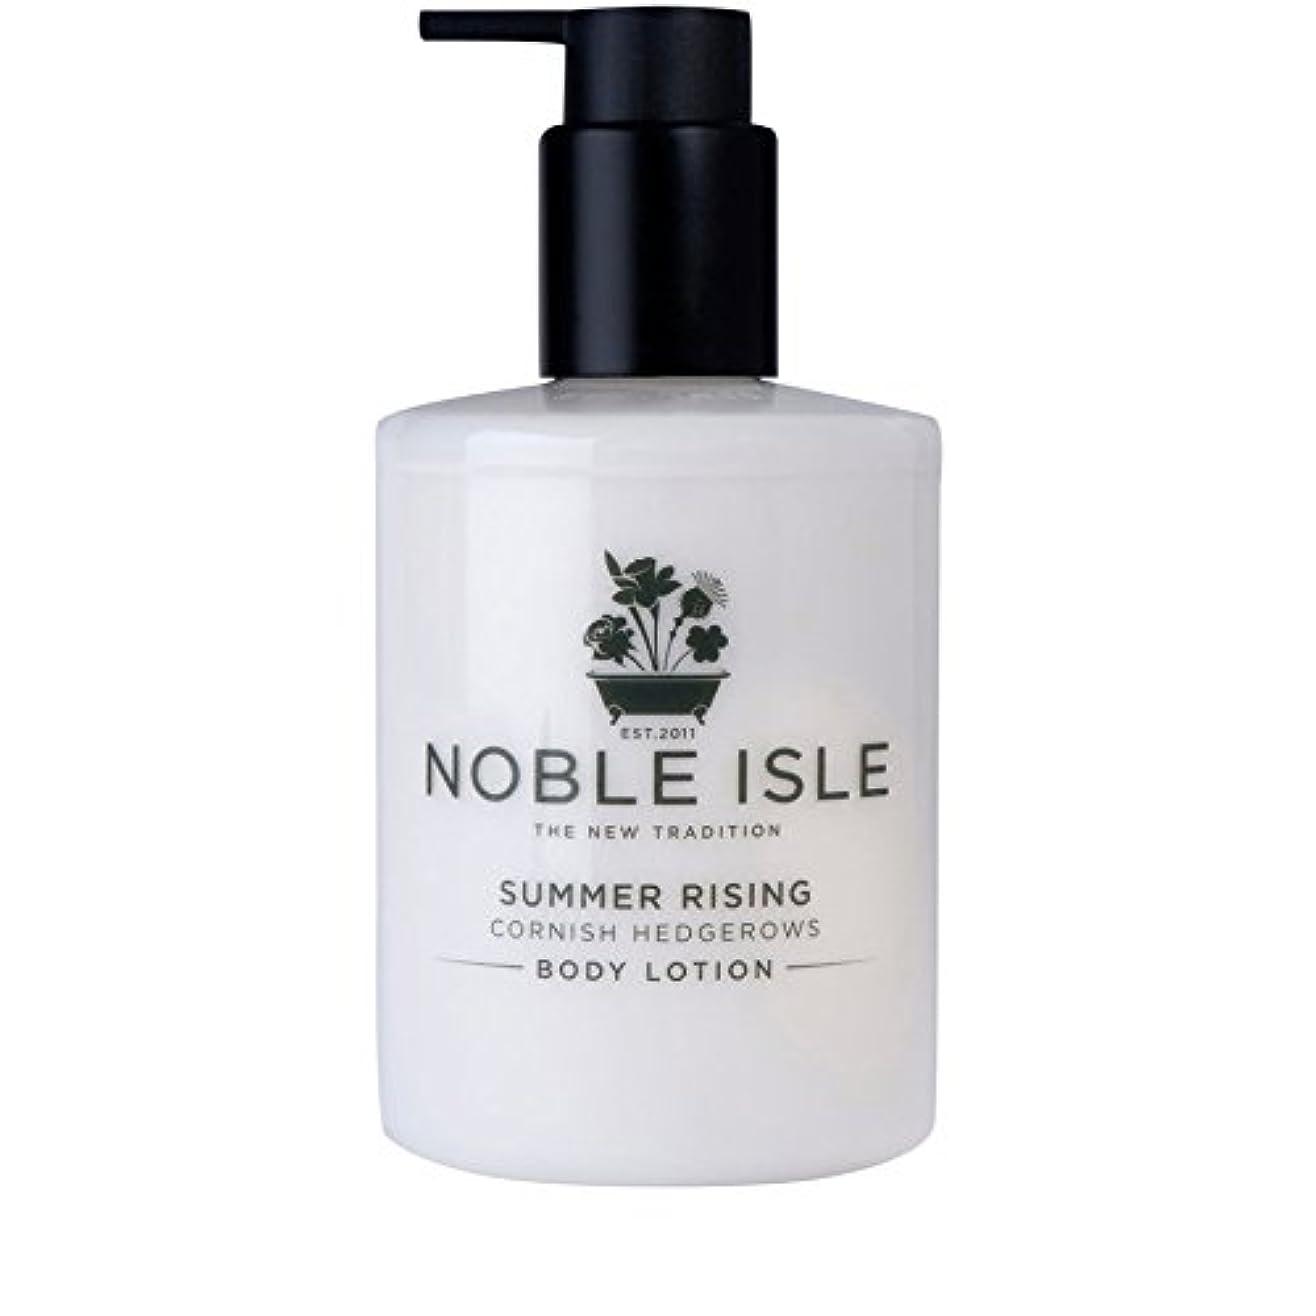 宝可能性グリットNoble Isle Summer Rising Cornish Hedgerows Body Lotion 250ml (Pack of 6) - コーニッシュ生け垣ボディローション250ミリリットルを上昇高貴な島の夏...